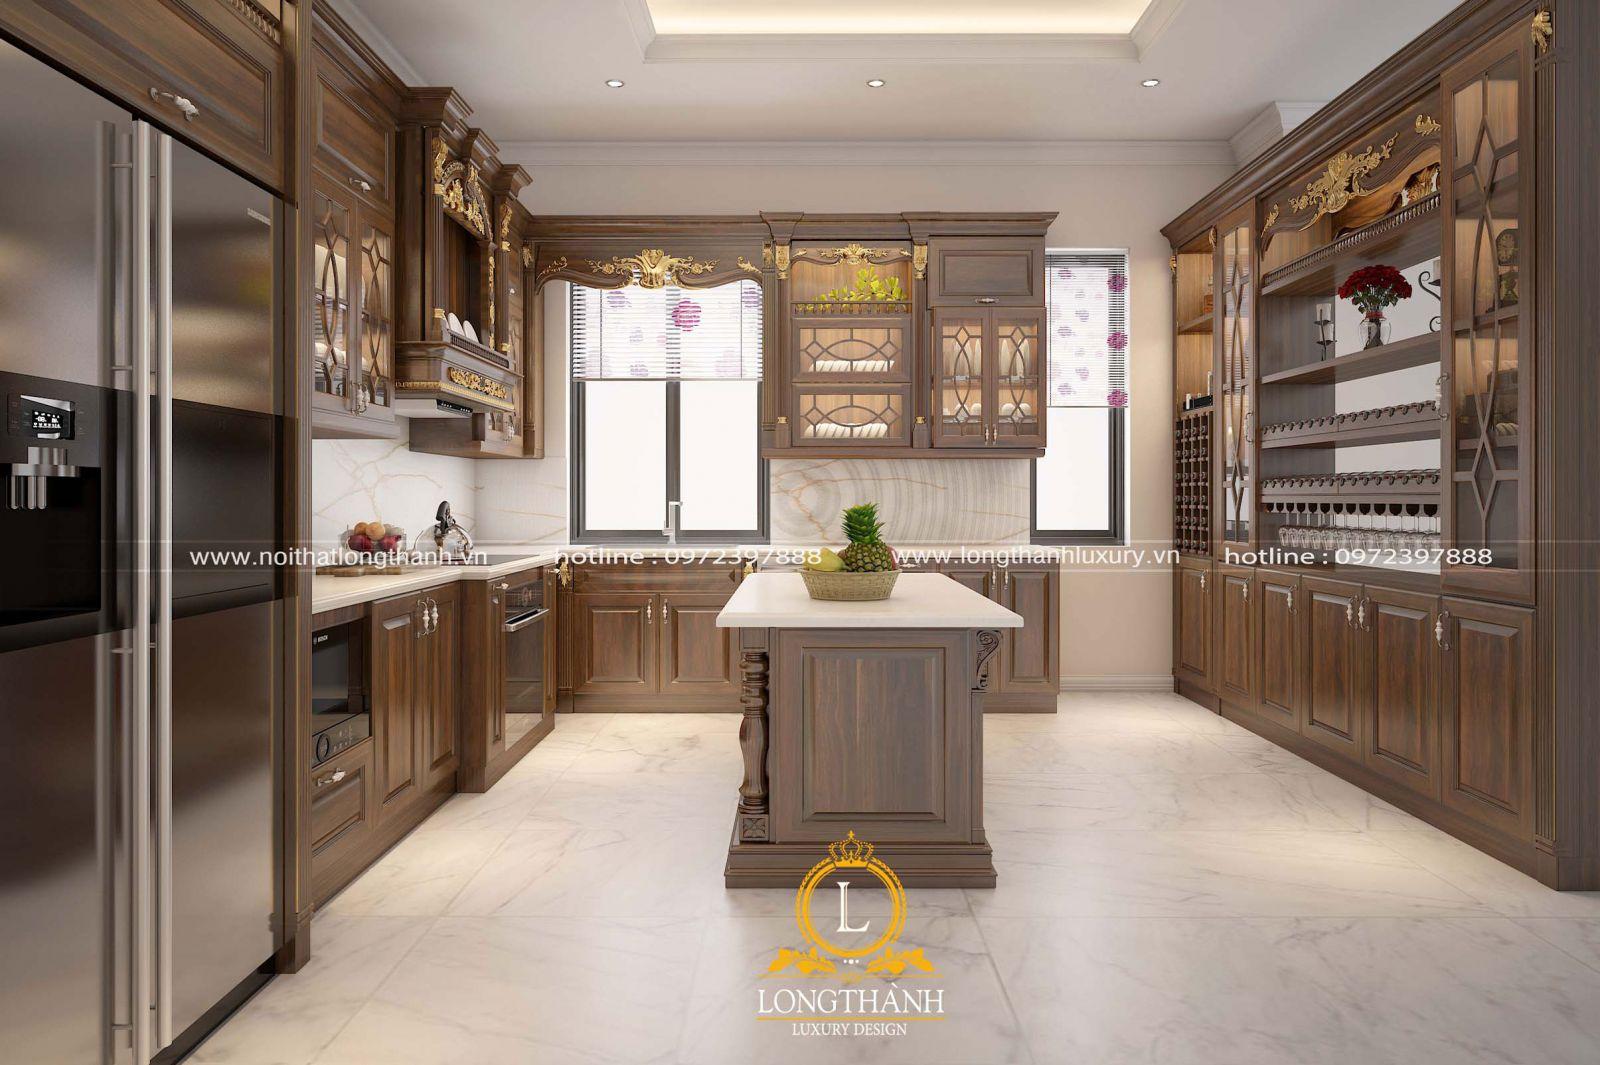 Thiết kế tủ bếp tân cổ điển đẹp và sang trọng